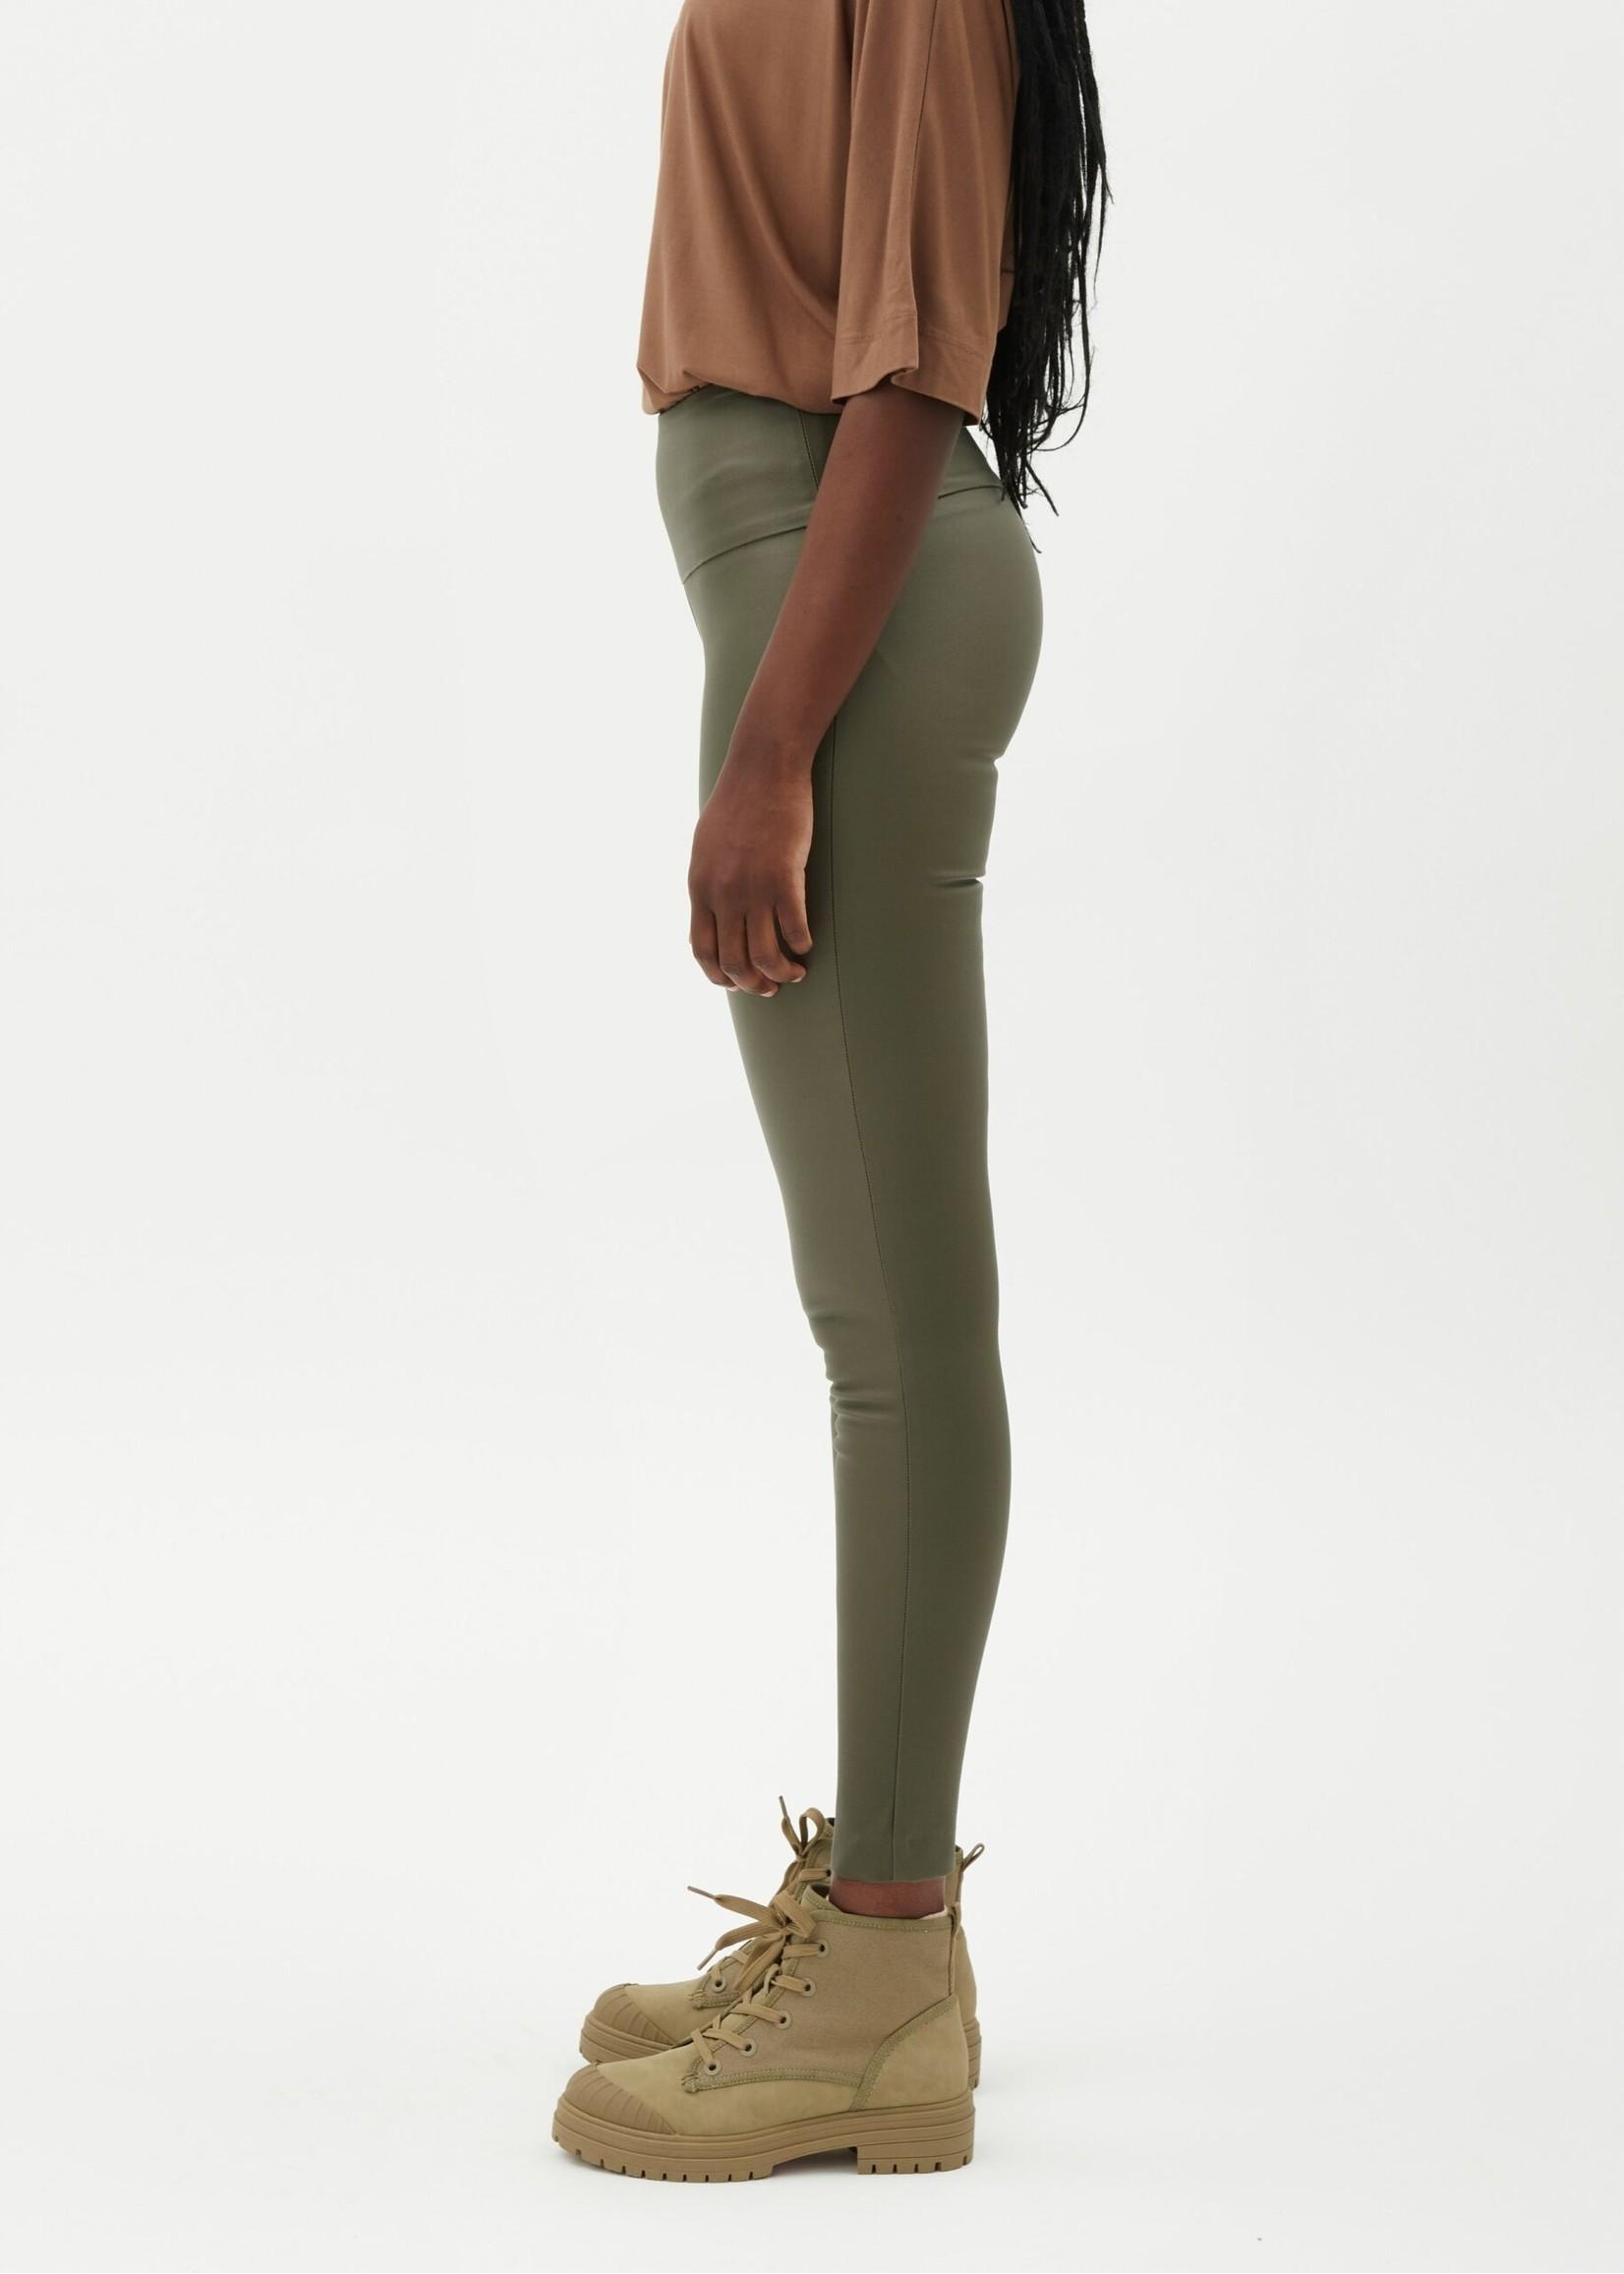 I Love Tyler Madison Vicky Waxed Pant